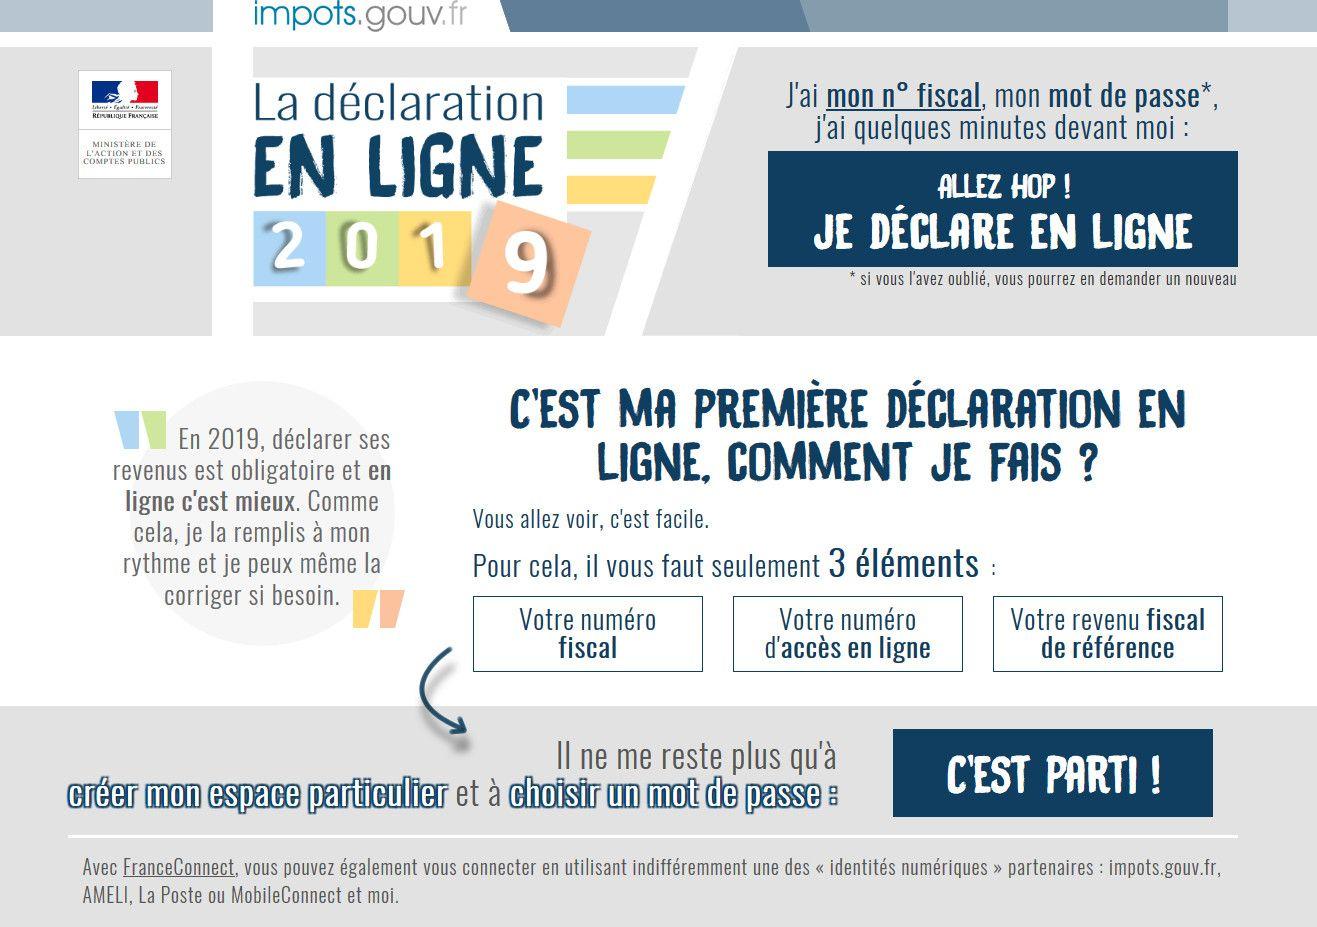 Impot Sur Les Revenus La Declaration En Ligne Est Ouverte